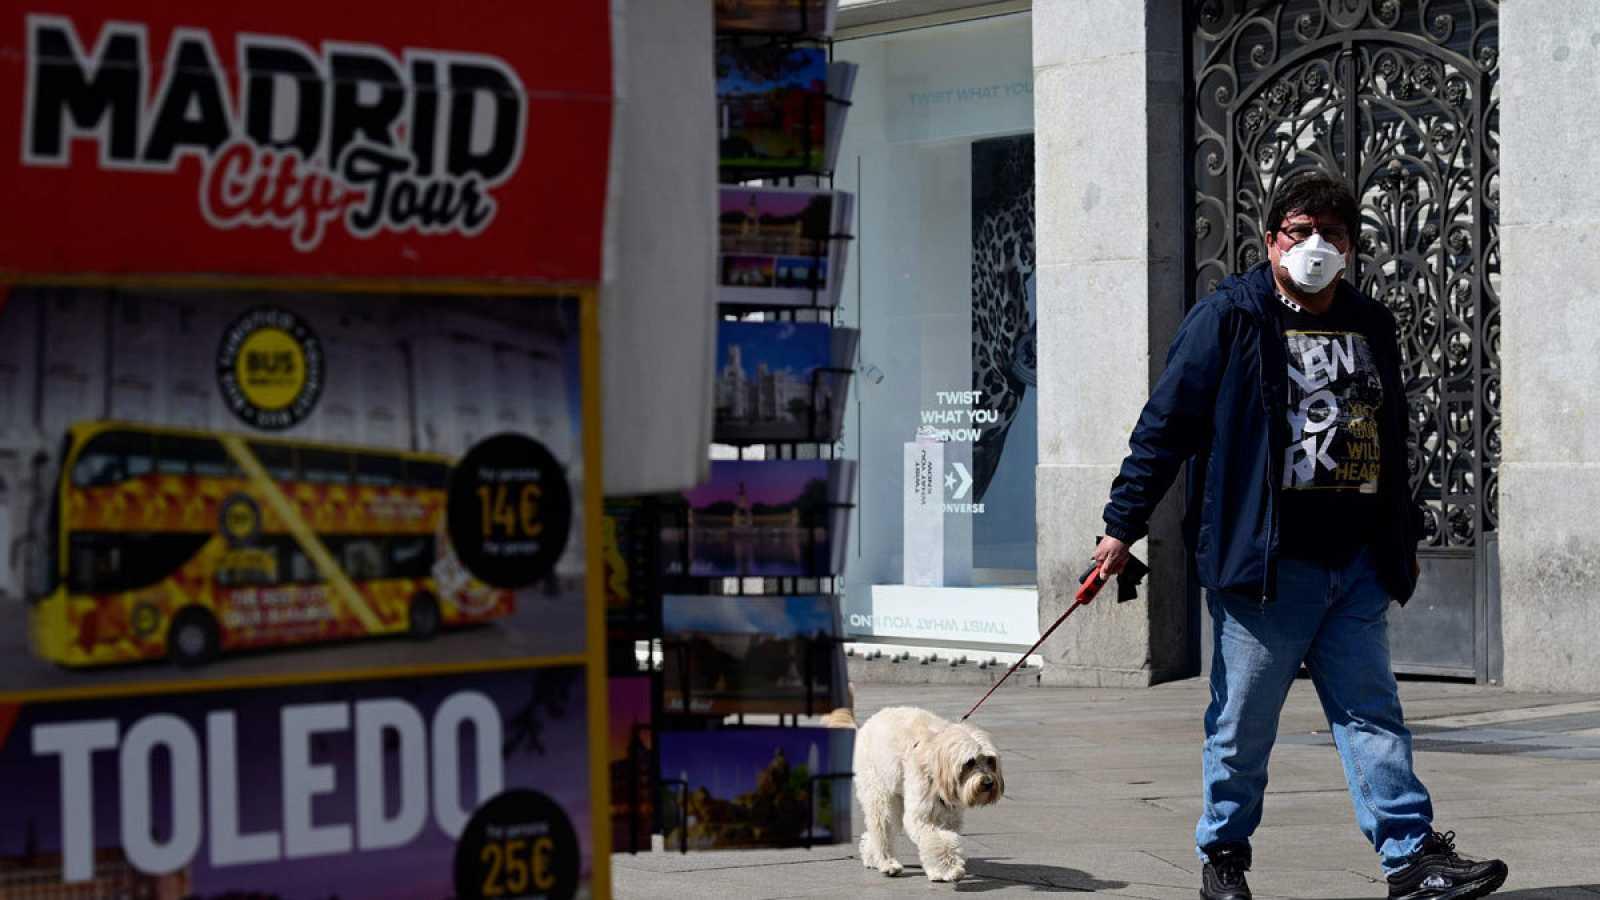 Al perro se le puede dar un paseo breve y cuidando en todo momento el contacto con otras personas